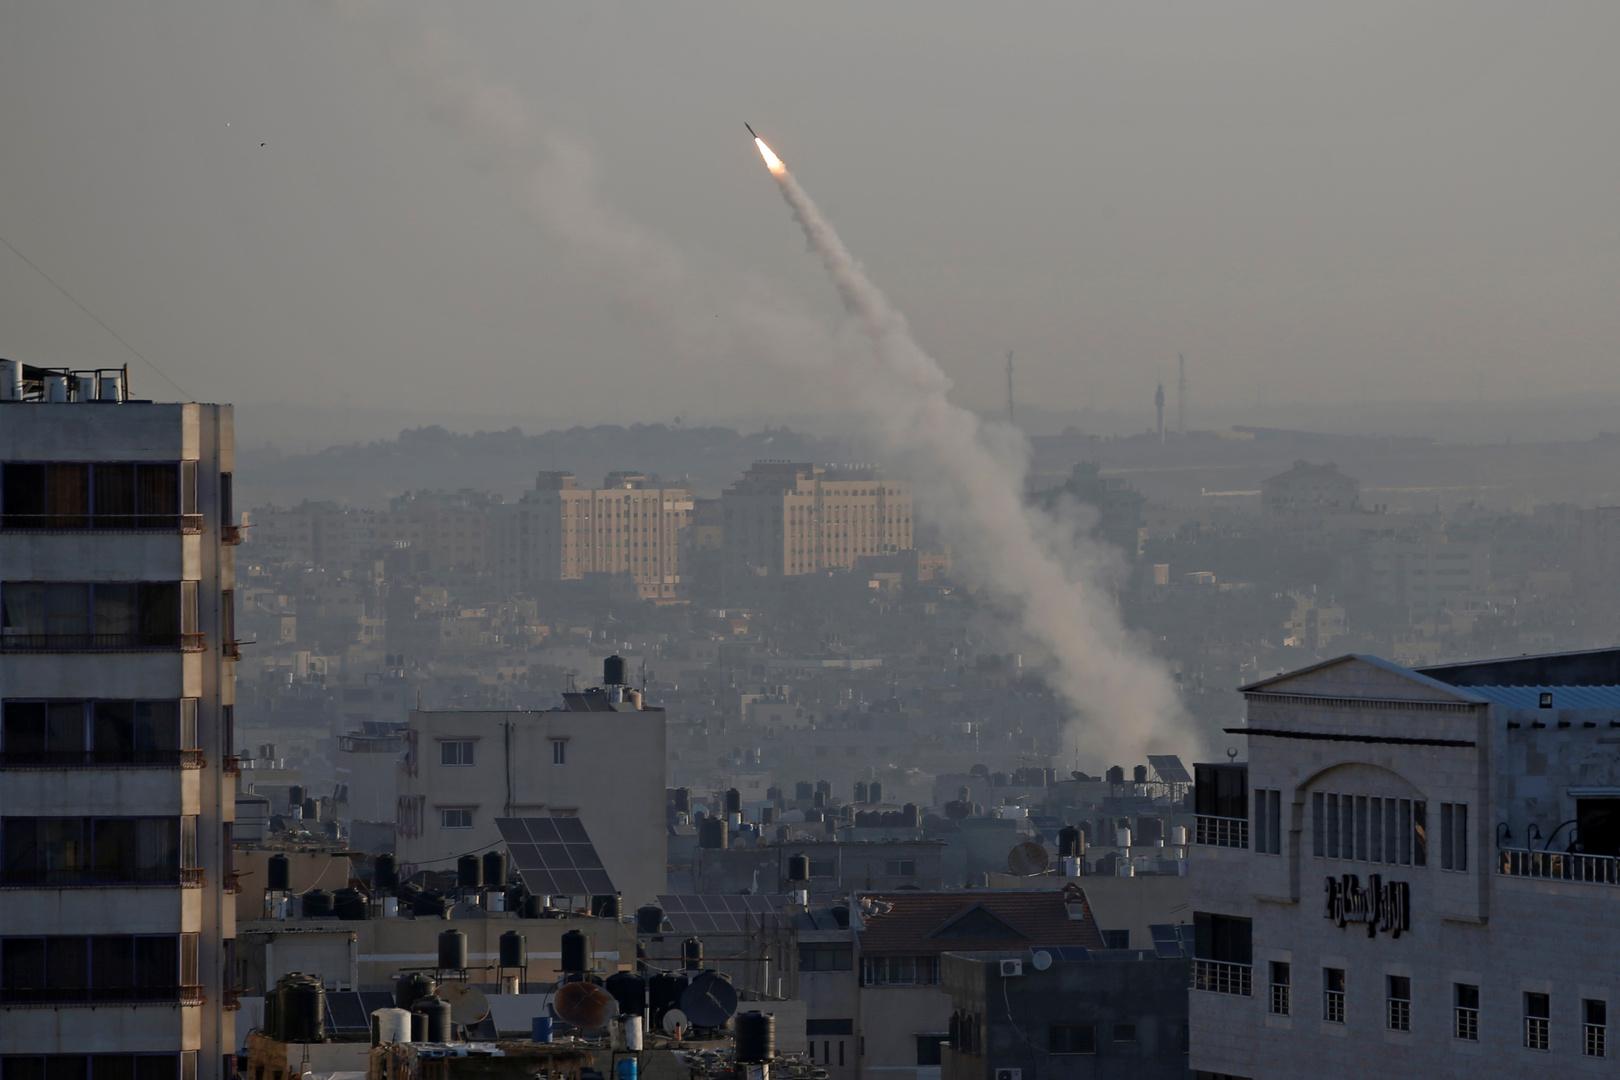 مراسلنا: ارتفاع عدد قتلى الغارات الإسرائيلية في غزة إلى 11